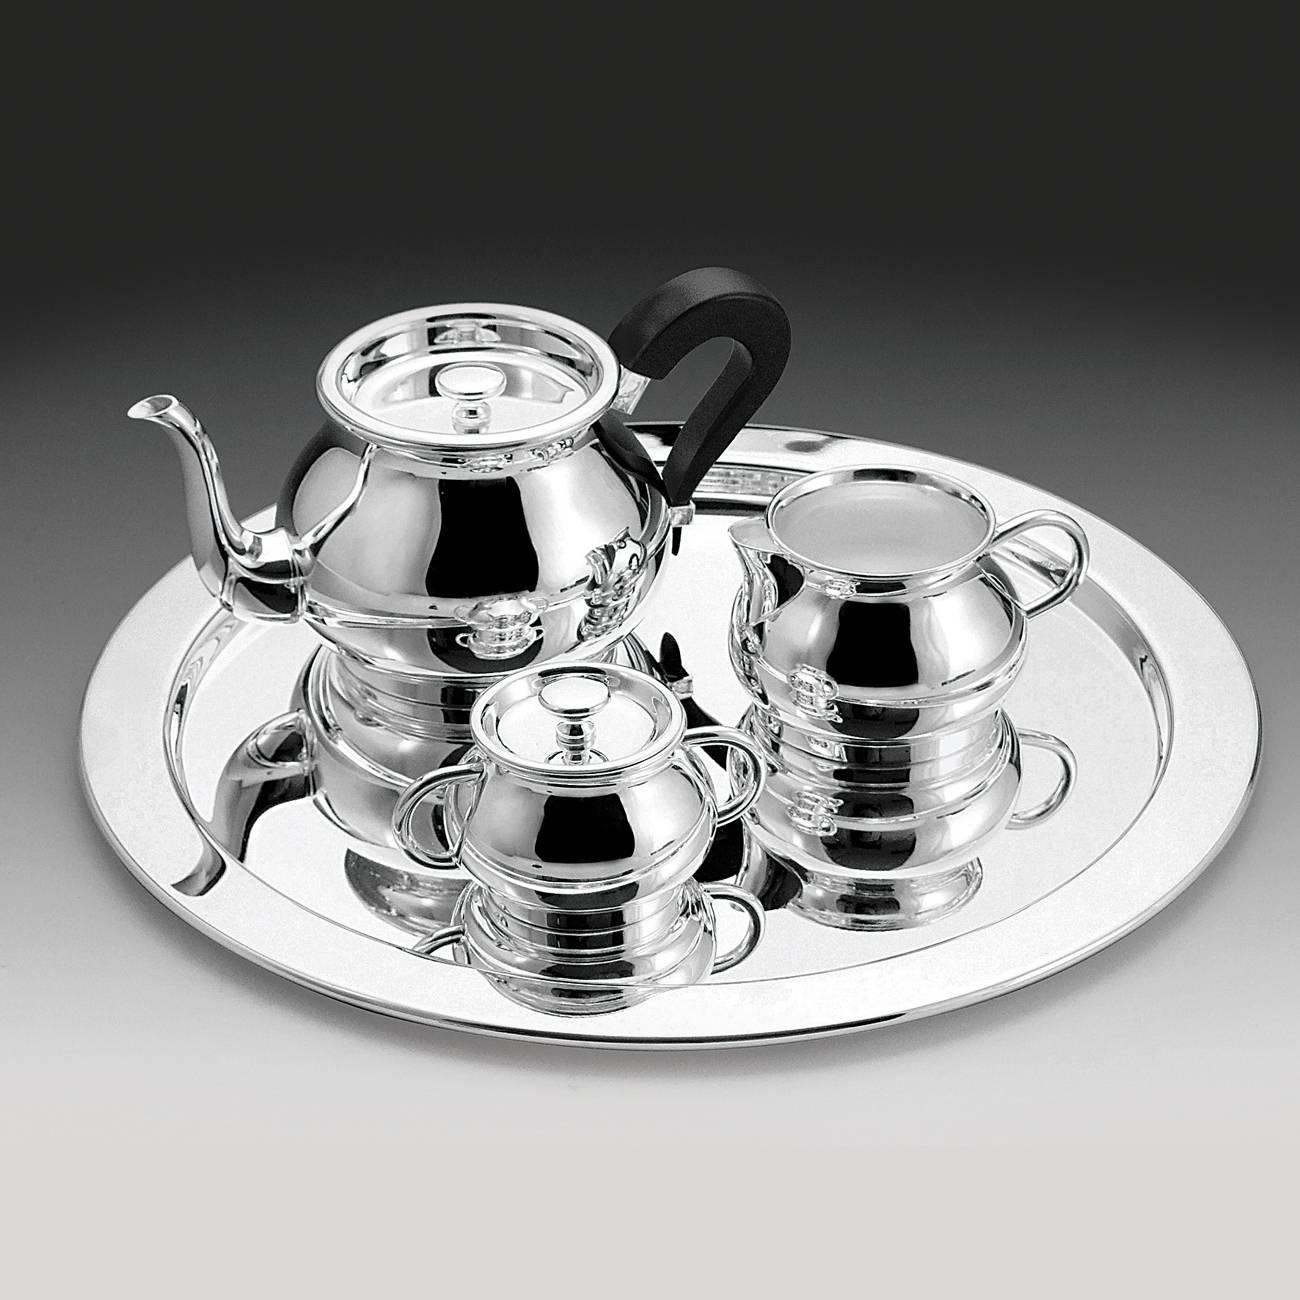 Jogo p/ Café com Bandeja - 4 Peças - Tete-a-Tete - em Prata - Wolff - 31 cm